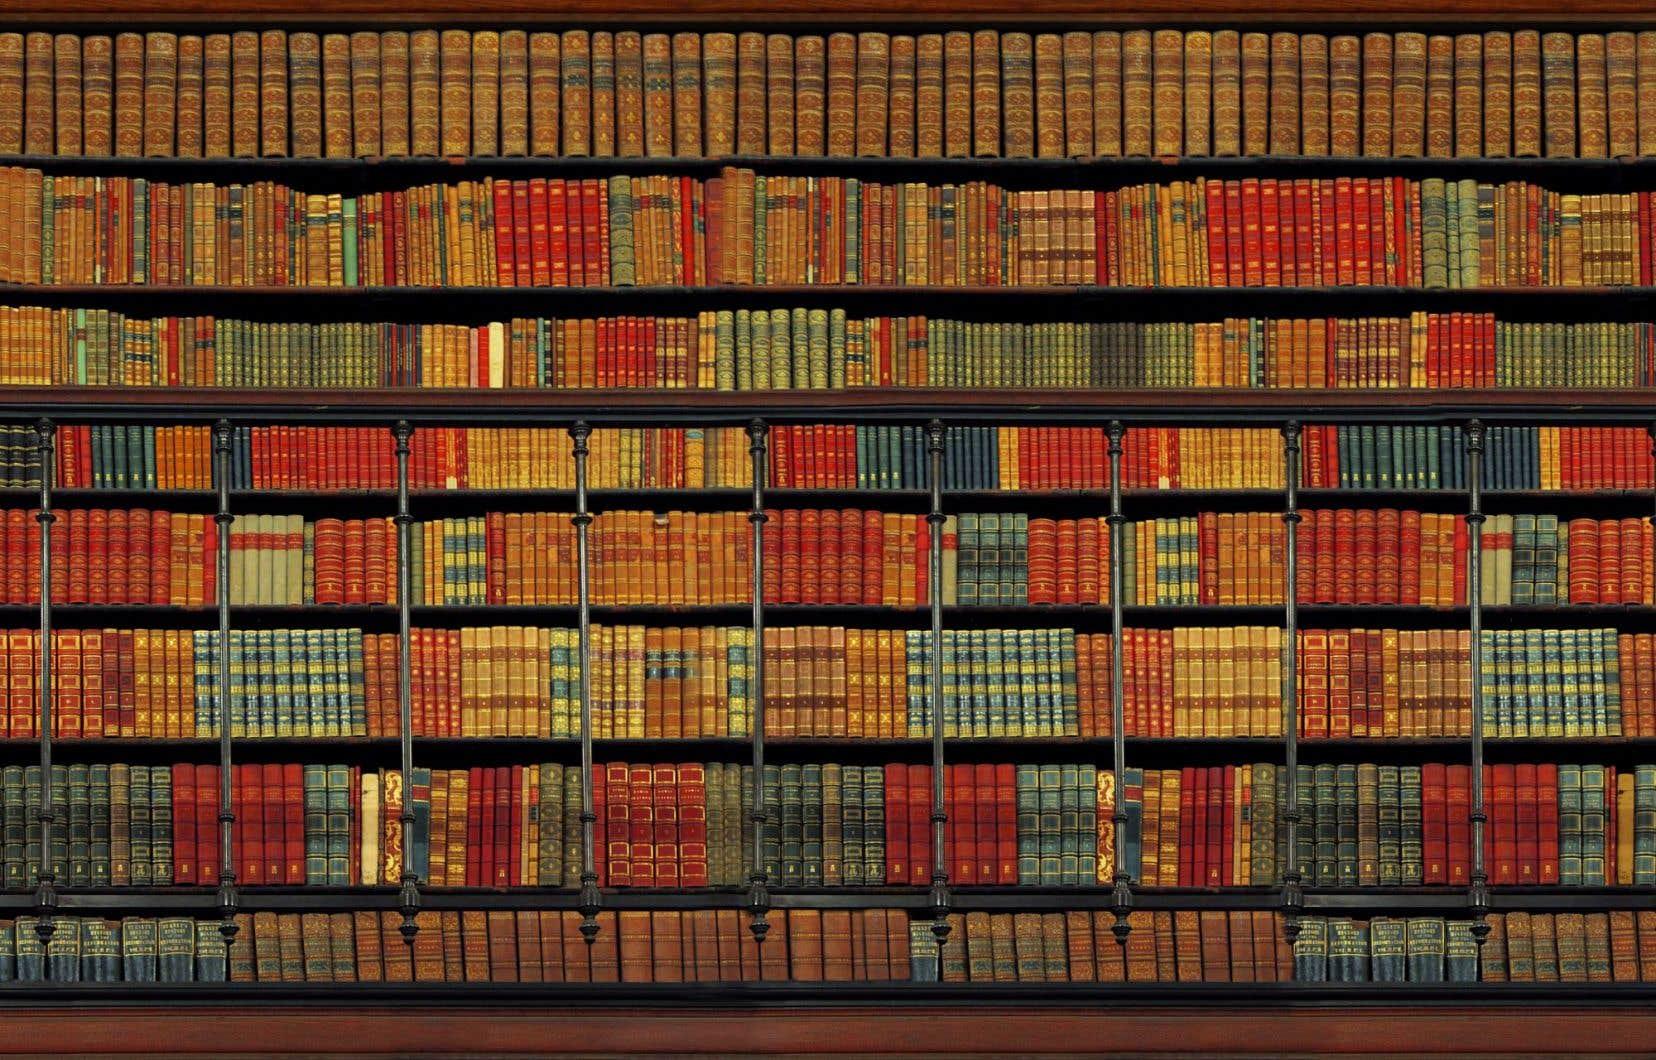 Chez Eric McCormack, on est dans le pur jeu de l'intelligence scripturaire, dans le monde des Borges et compagnie, des manuscrits anciens, des éditions princeps et des incunables aux caractères biscornus, dans cette incessante quête du mystère des livres eux-mêmes.